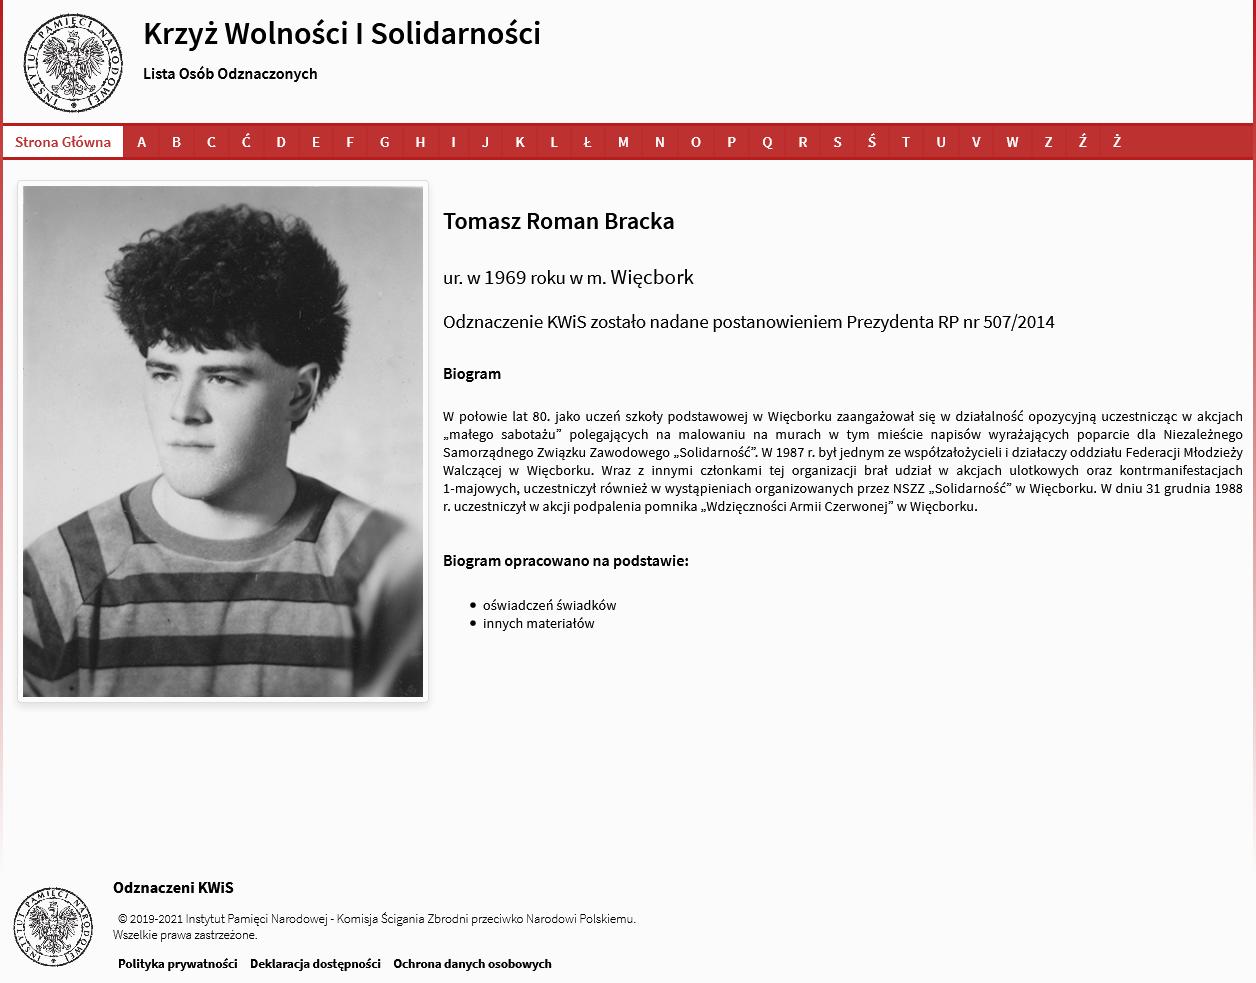 Biogram IPN wWarszawie Tomasz Roman Bracka Kawaler Krzyża Wolności iSolidarności - działacz opozycji antykomunistycznej wPRL